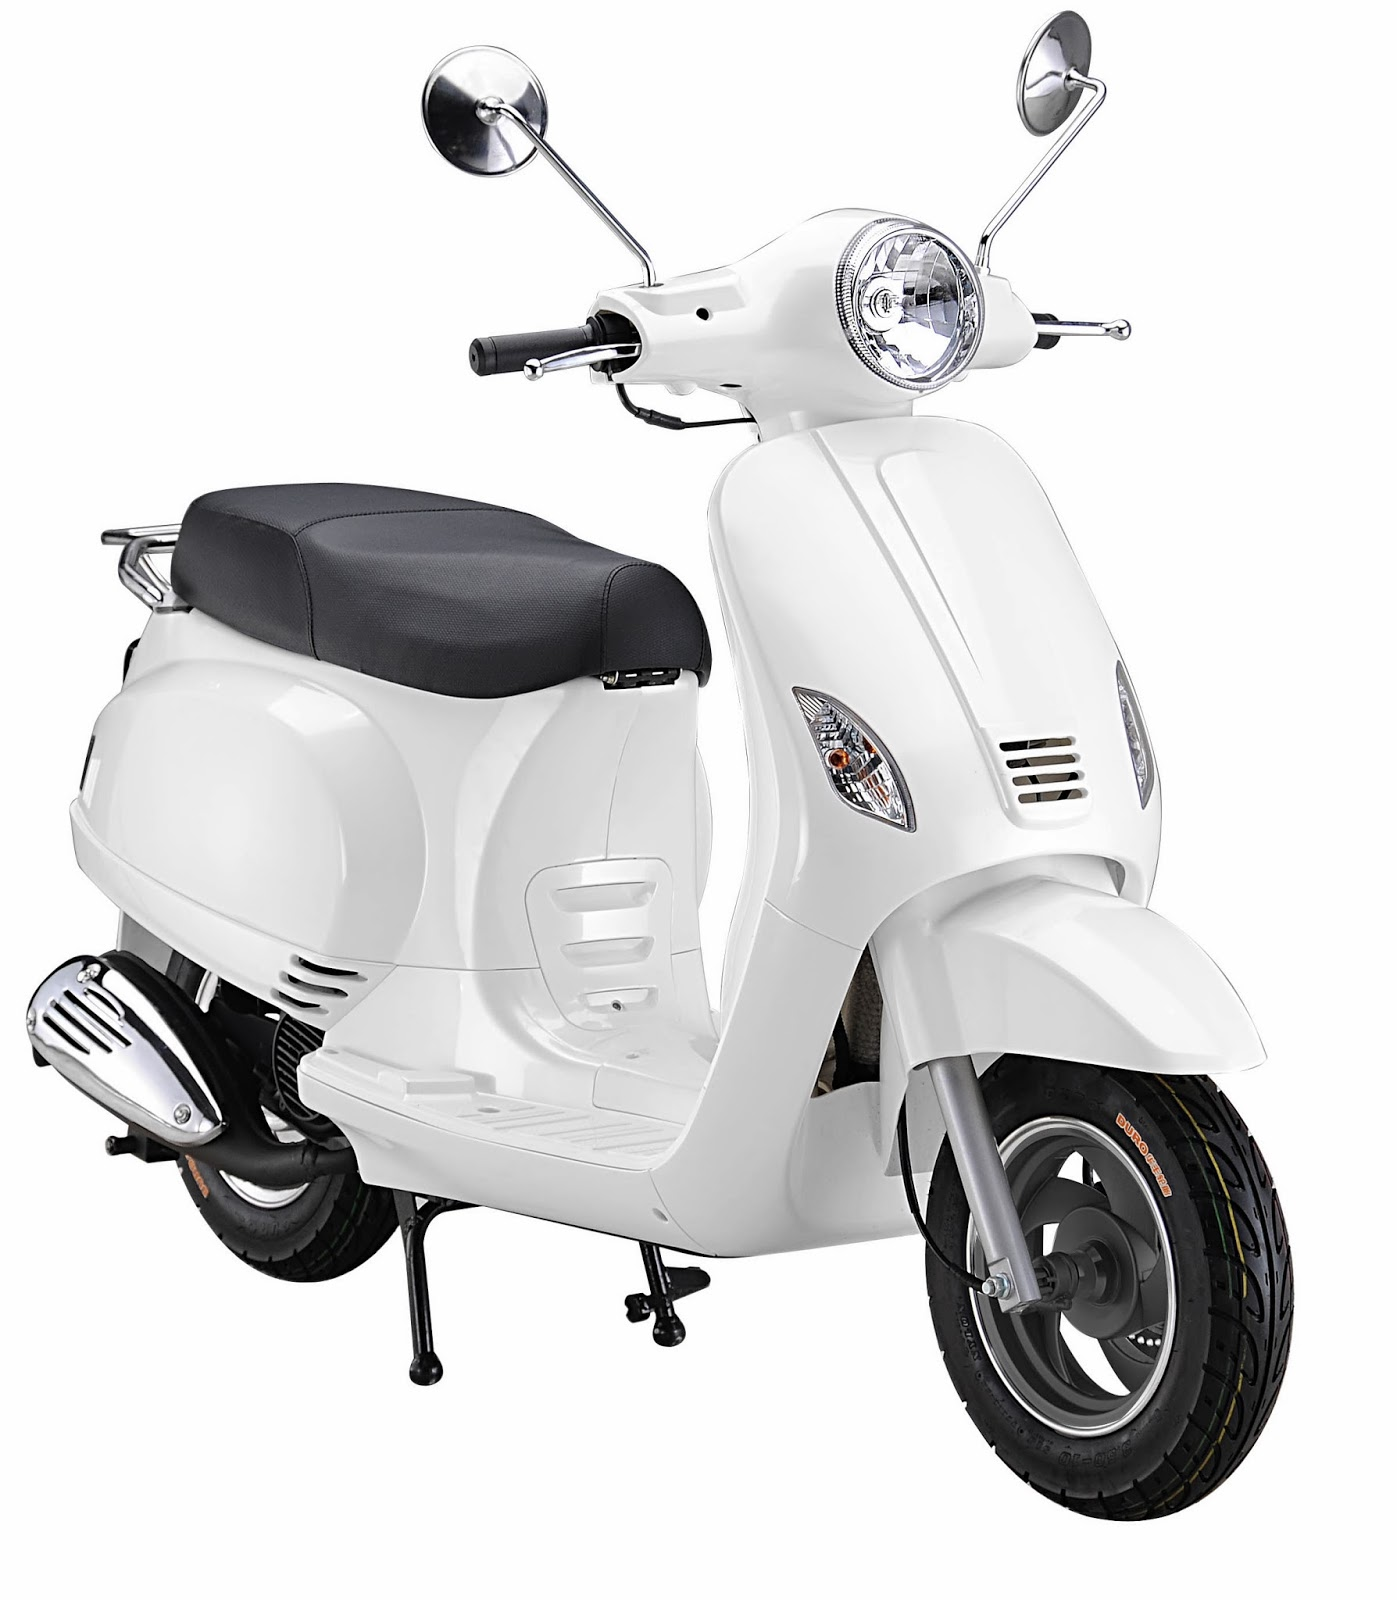 scooter 125 cc en vogue au s n gal prix 699750 promotion auto moto ntic. Black Bedroom Furniture Sets. Home Design Ideas